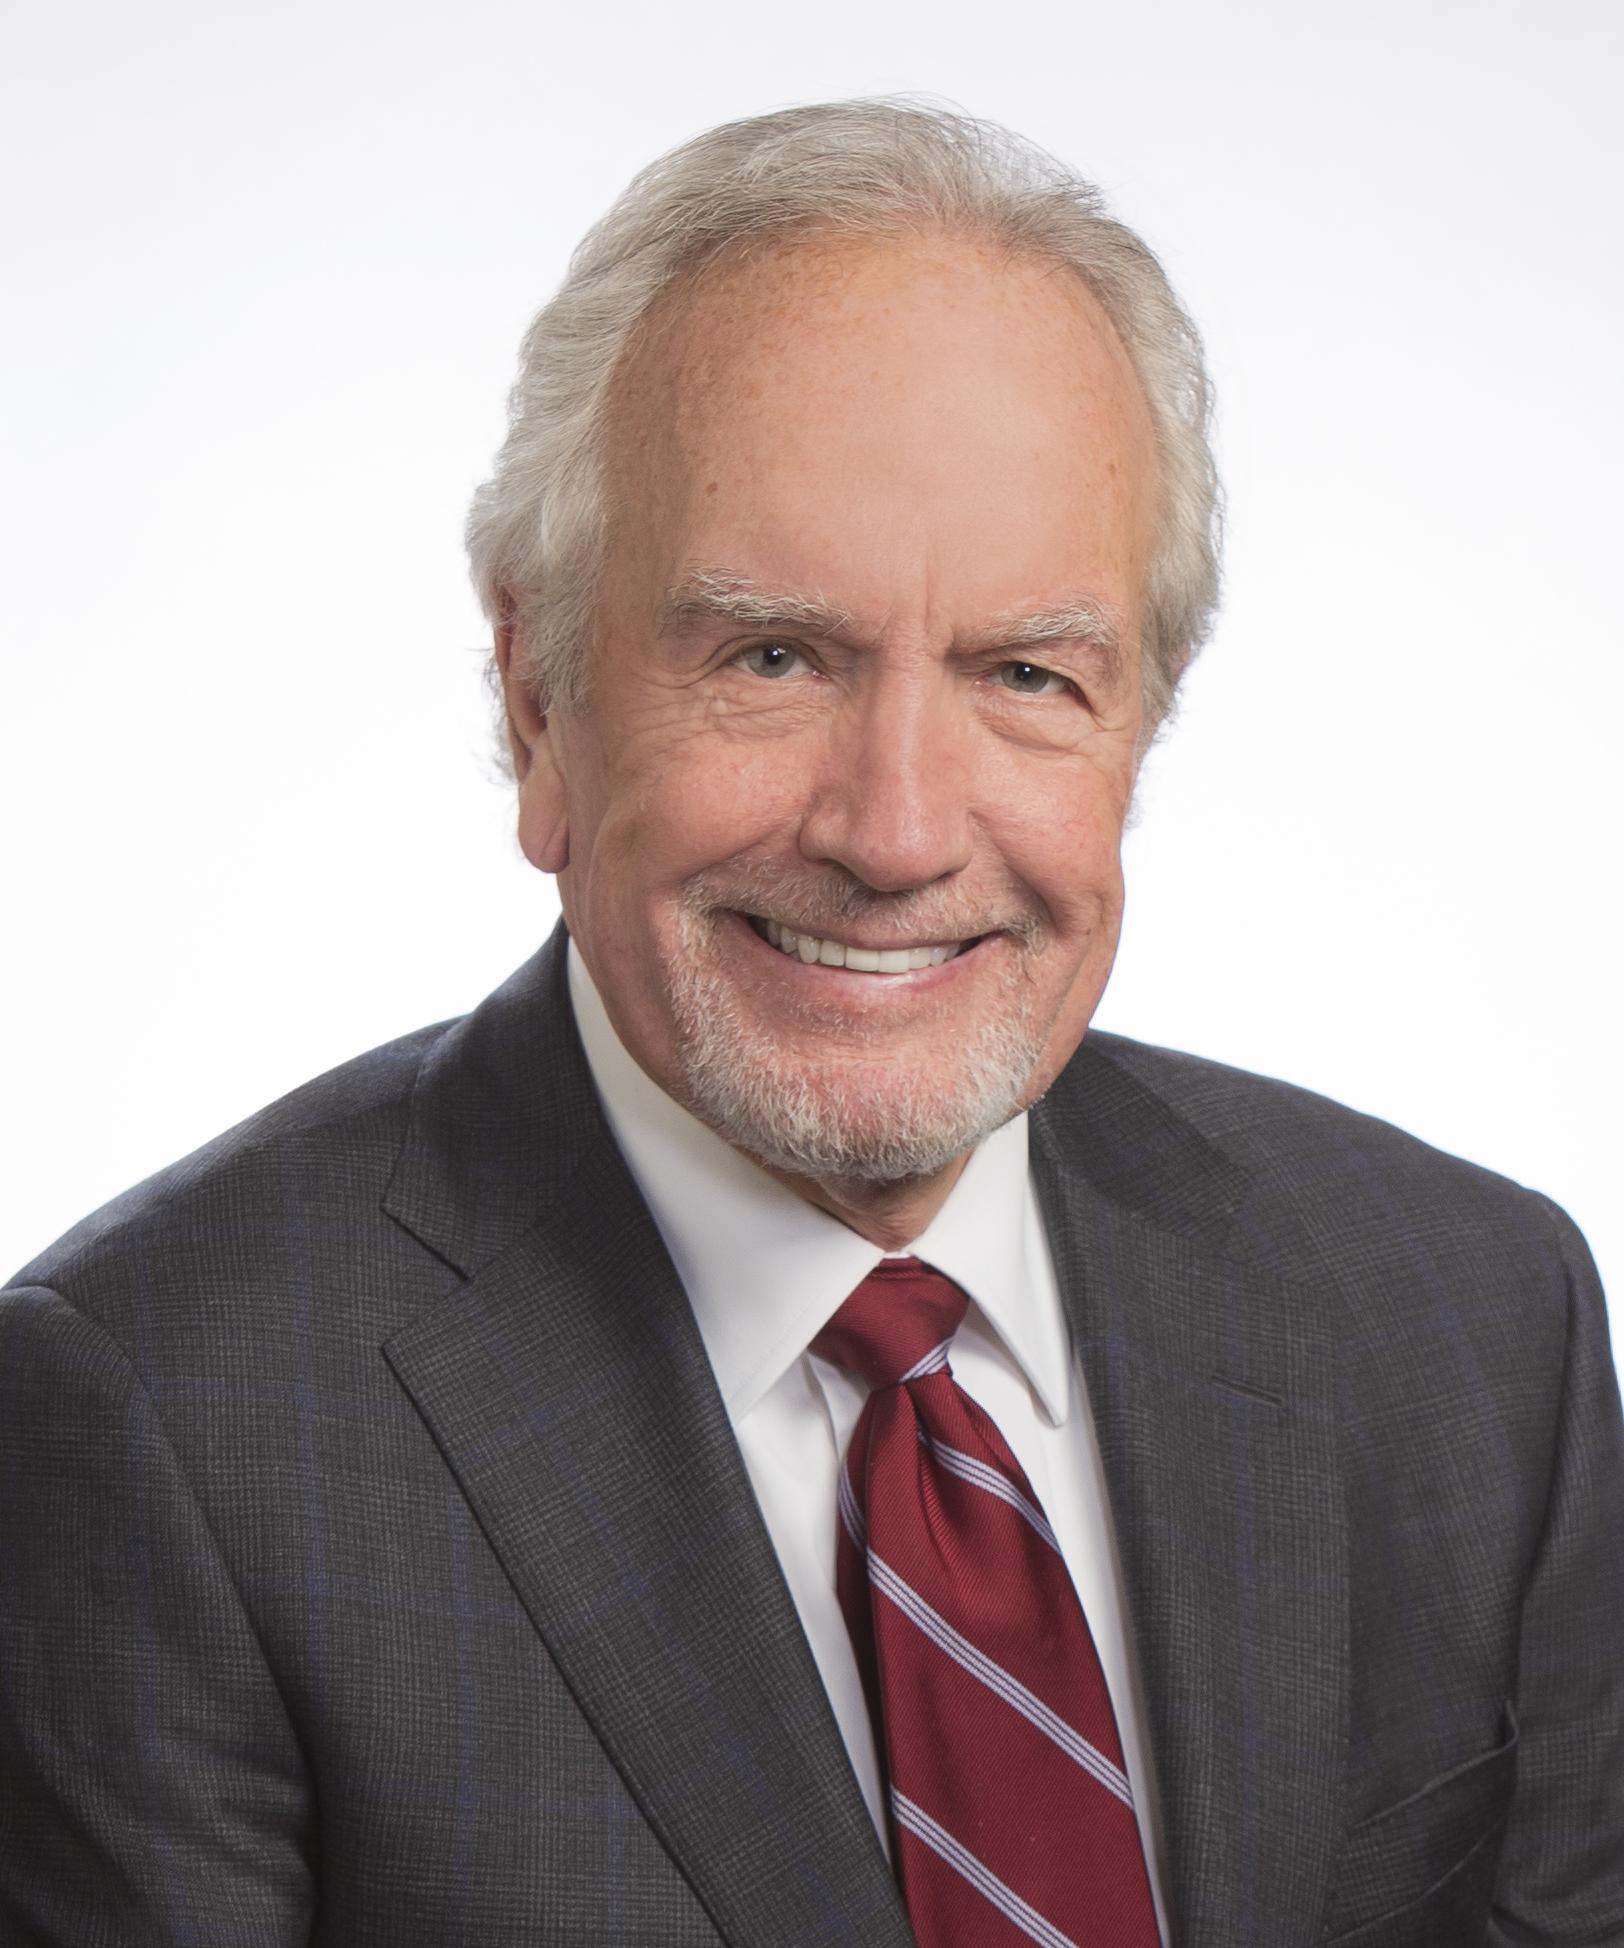 Tom Kienbaum